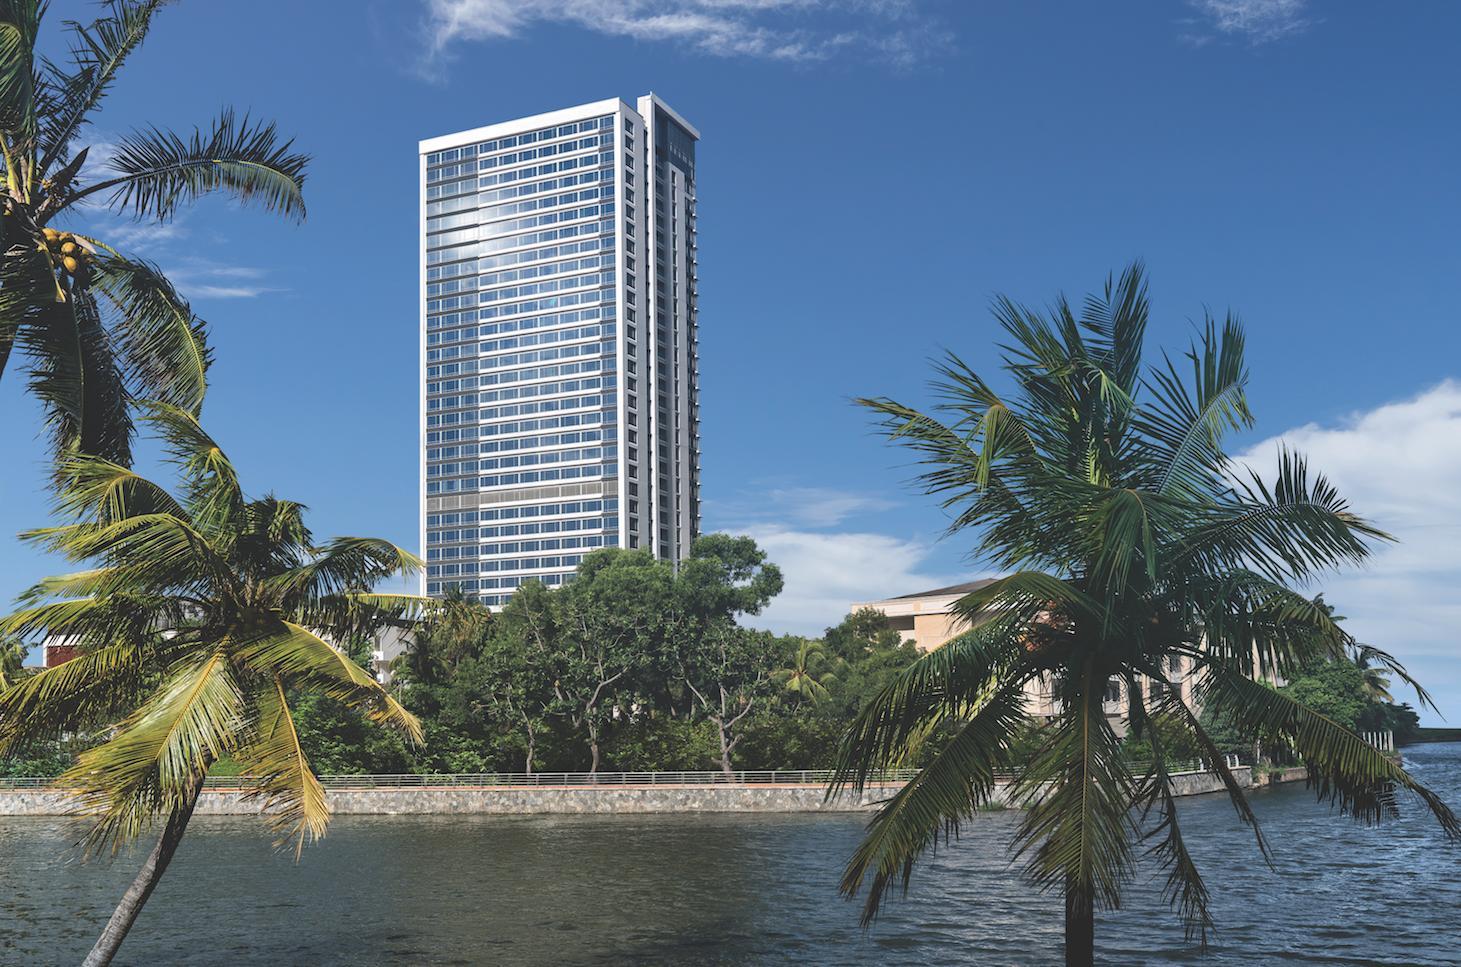 Colombo Shangri La